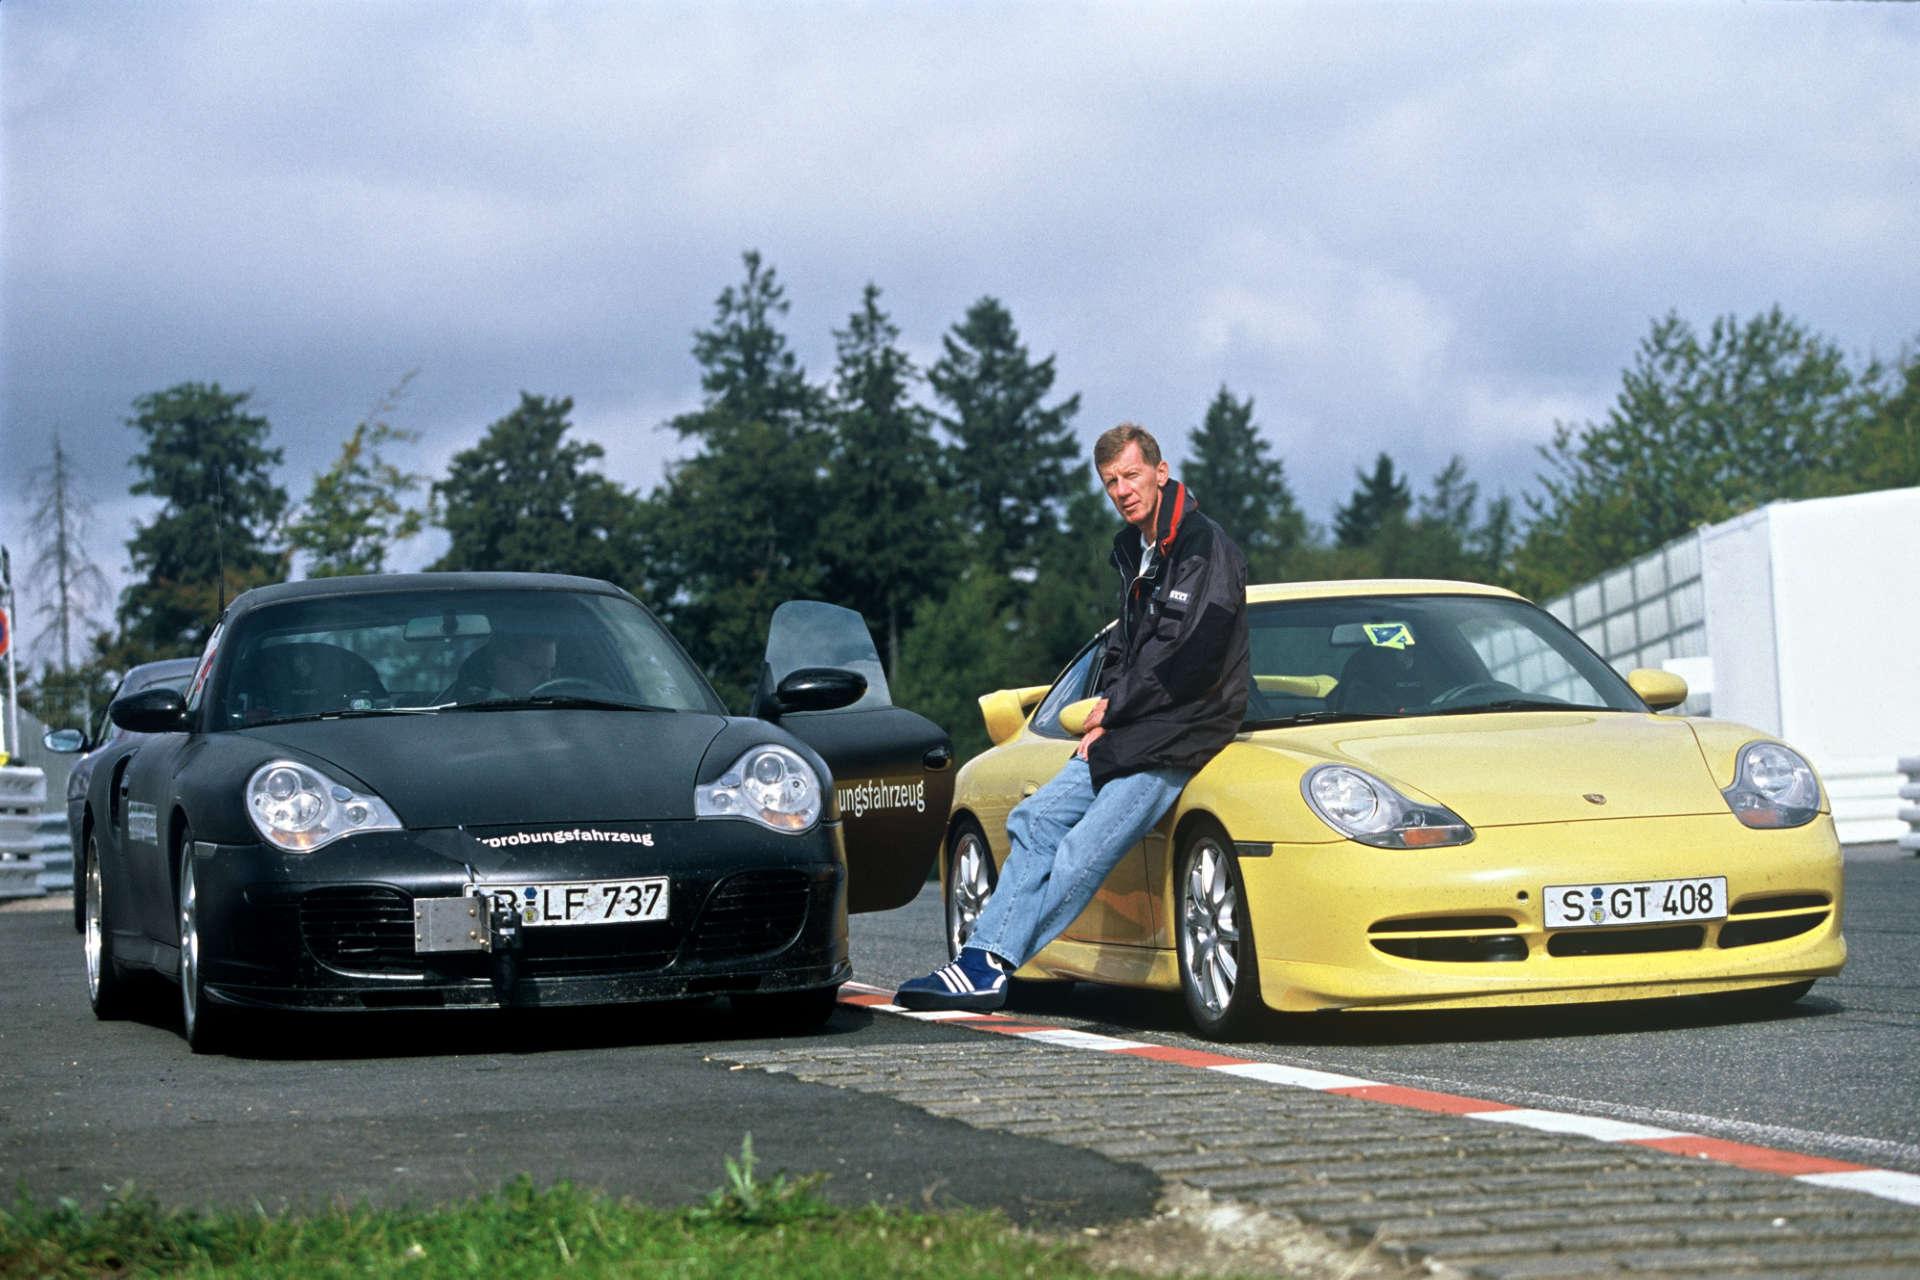 Walter Röhrl, 911 Turbo GT3